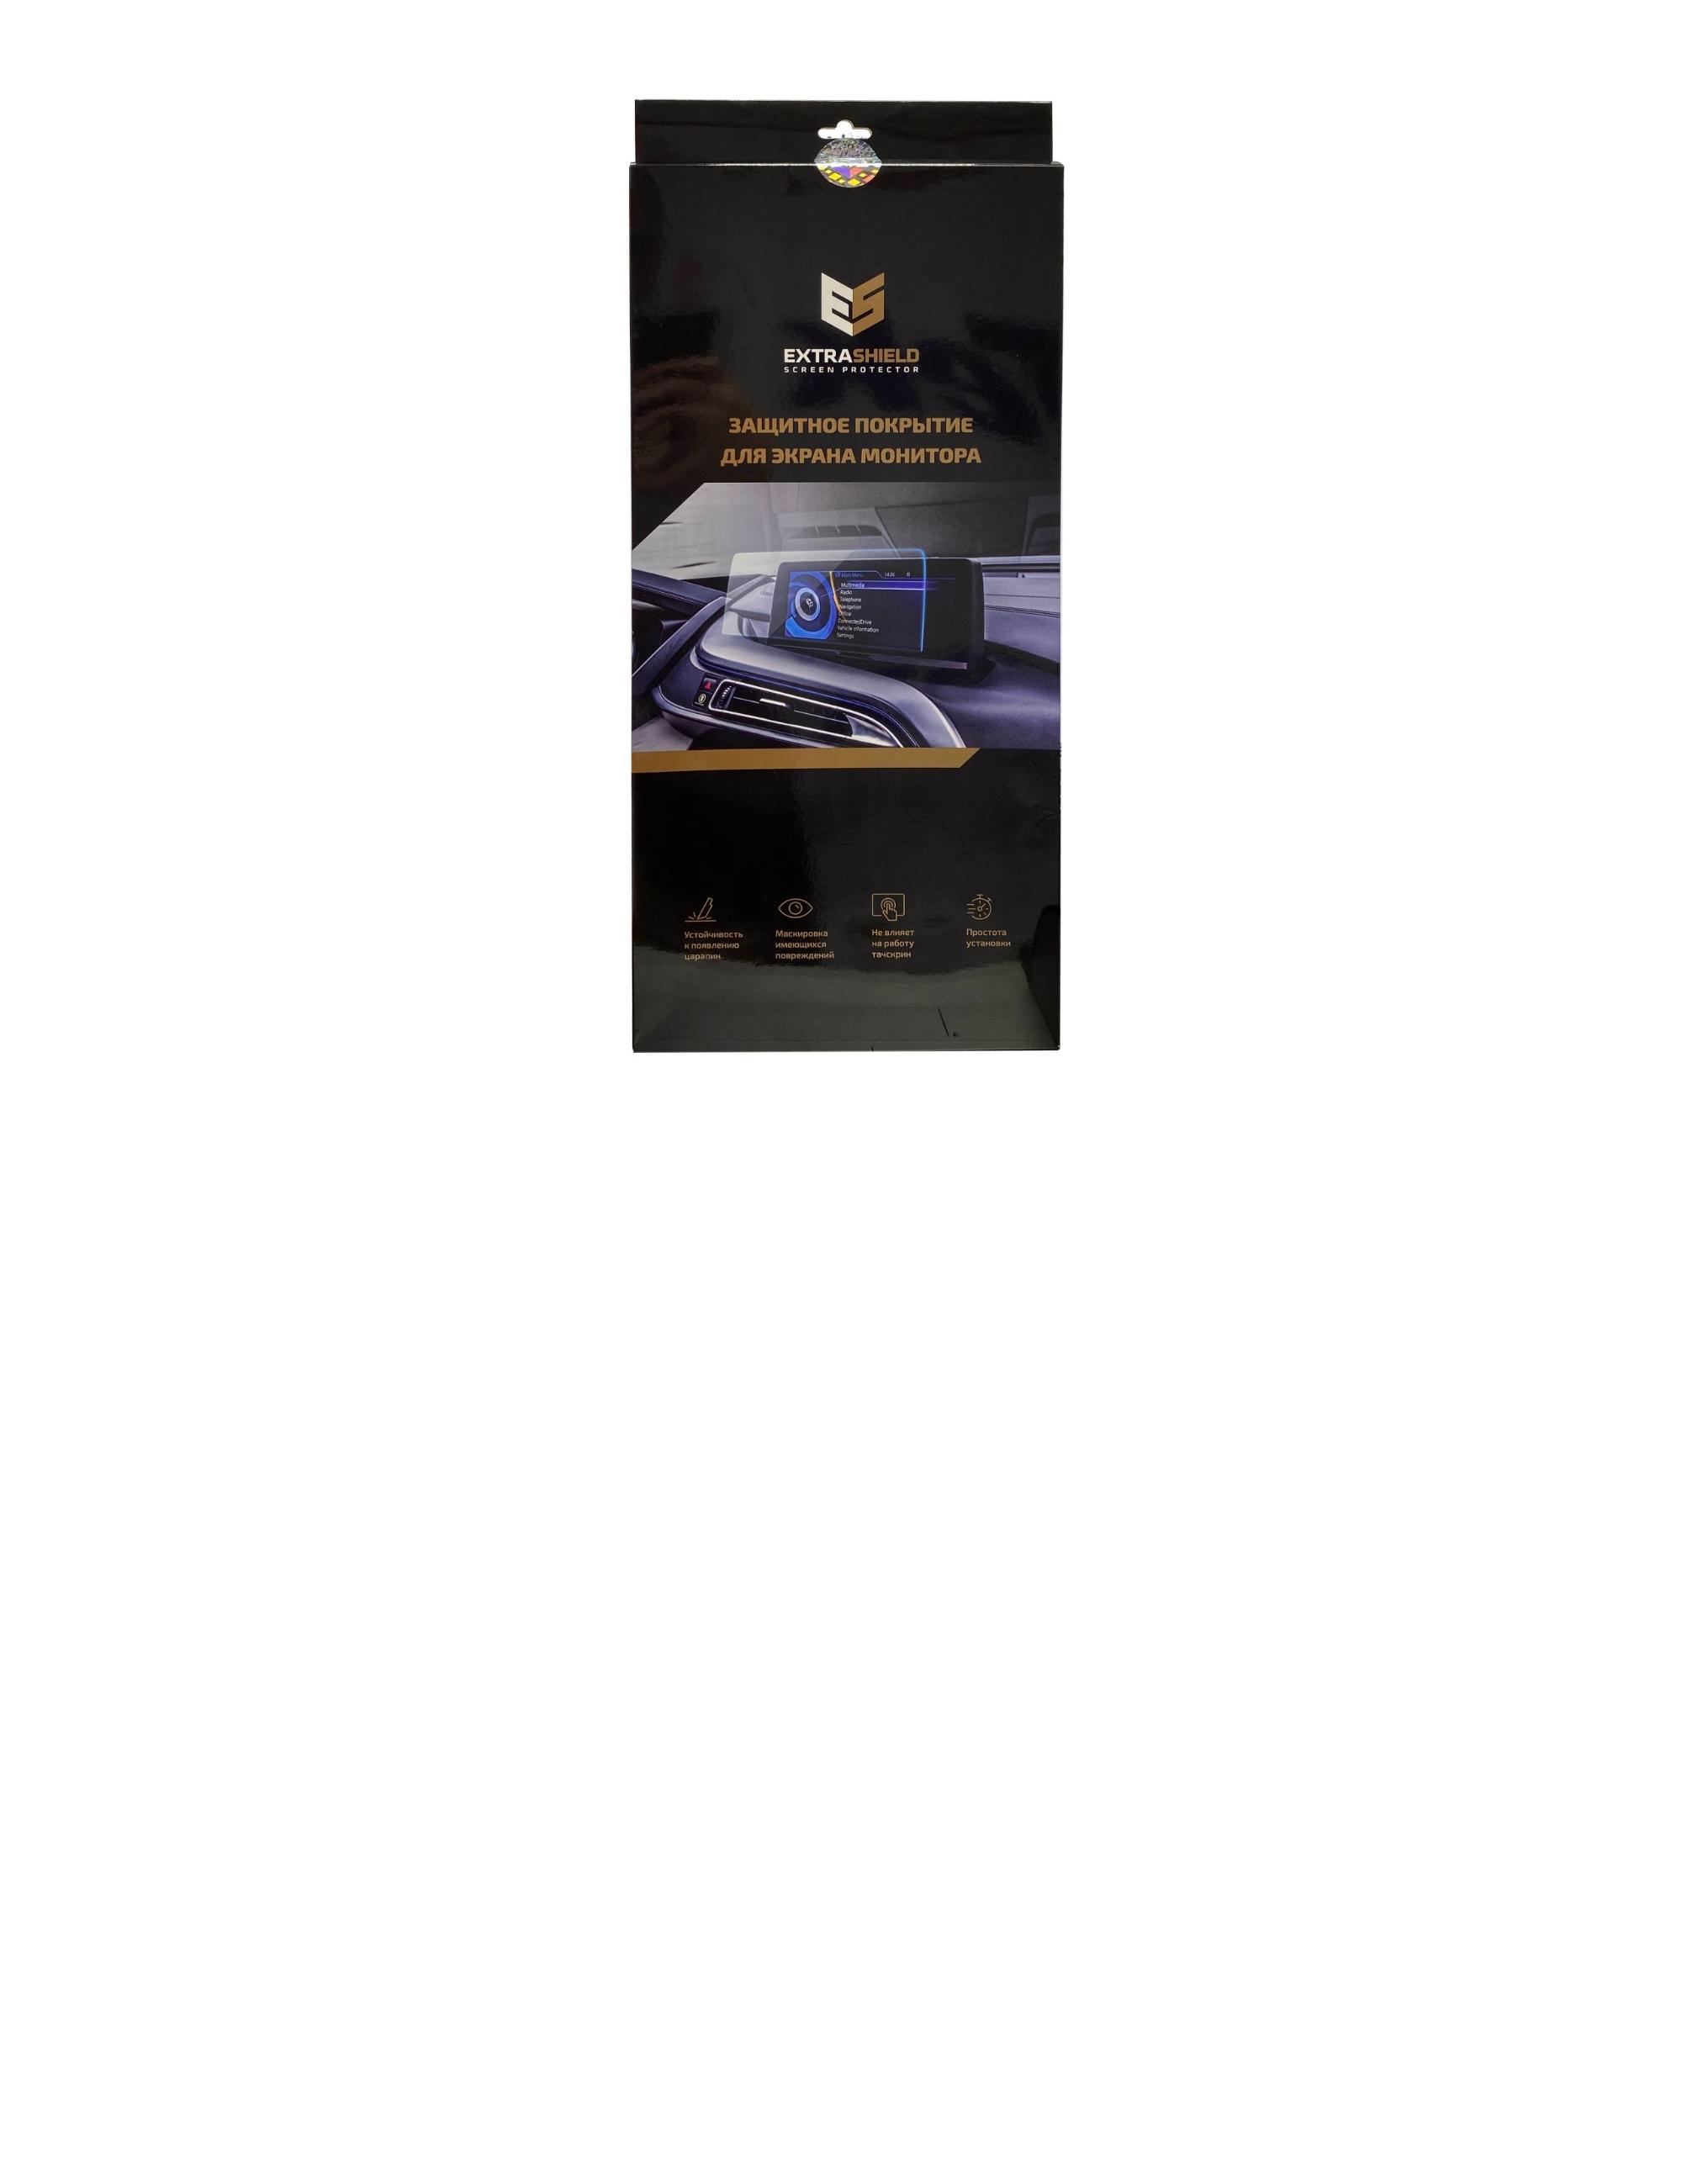 Bentley Bentayga 2020 - н.в. мультимедиа 10,9 Статическая пленка Глянец